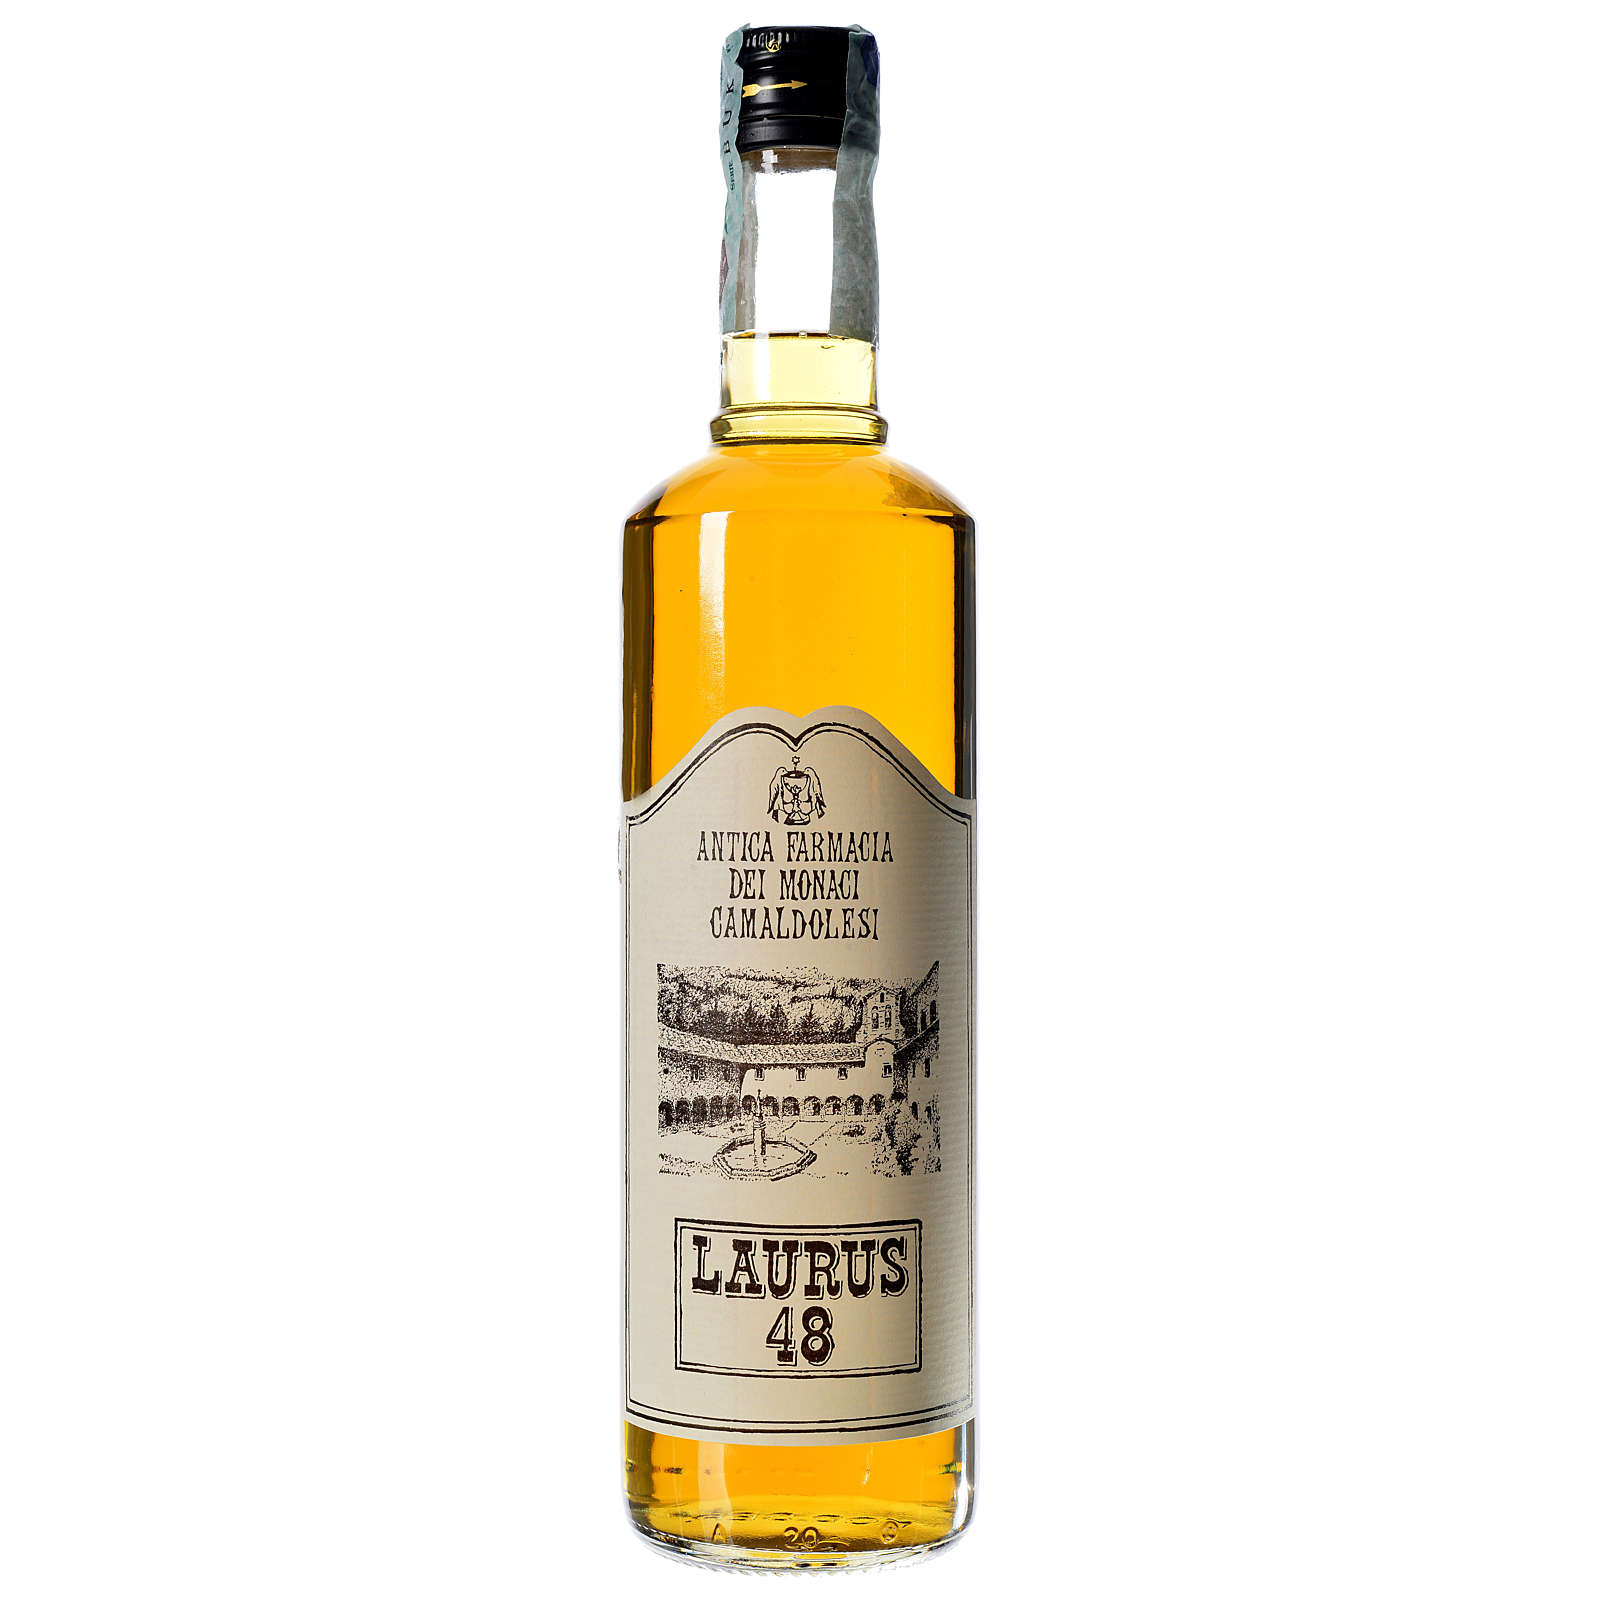 Laurus 48 Camaldoli 700 ml likier 3